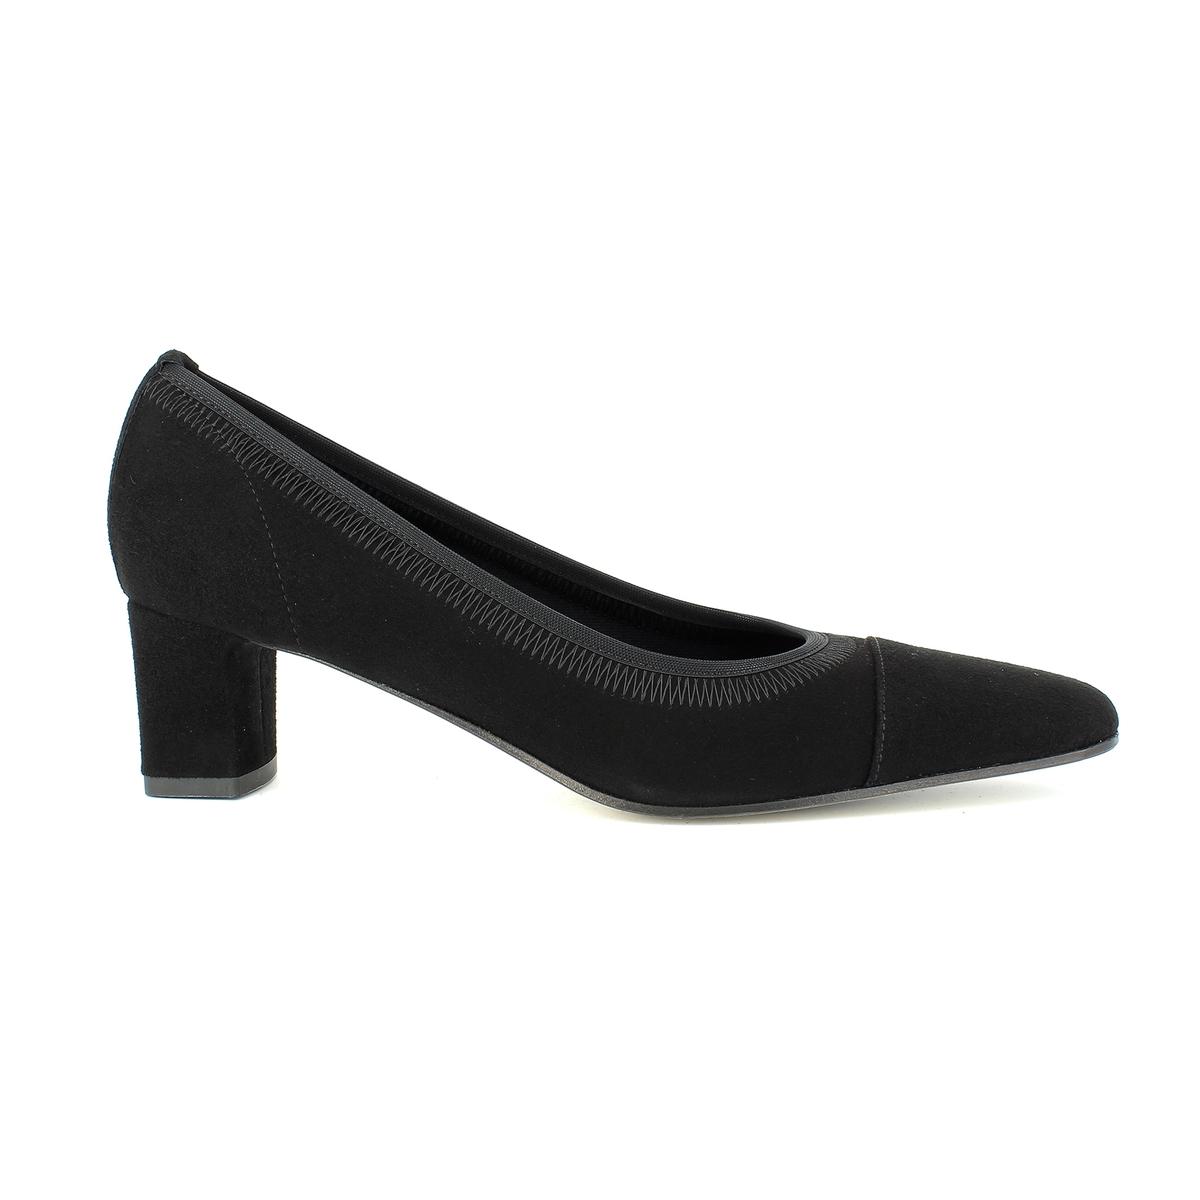 Туфли велюровые на каблуке, ERESПодкладка: Кожа и синтетический материал.Стелька: Кожа.Подошва: Кожа и синтетический материал.Высота каблука: 5 см.   Форма каблука: широкая.Мысок: круглый.          Застежка: Без застежки.<br><br>Цвет: черный<br>Размер: 38